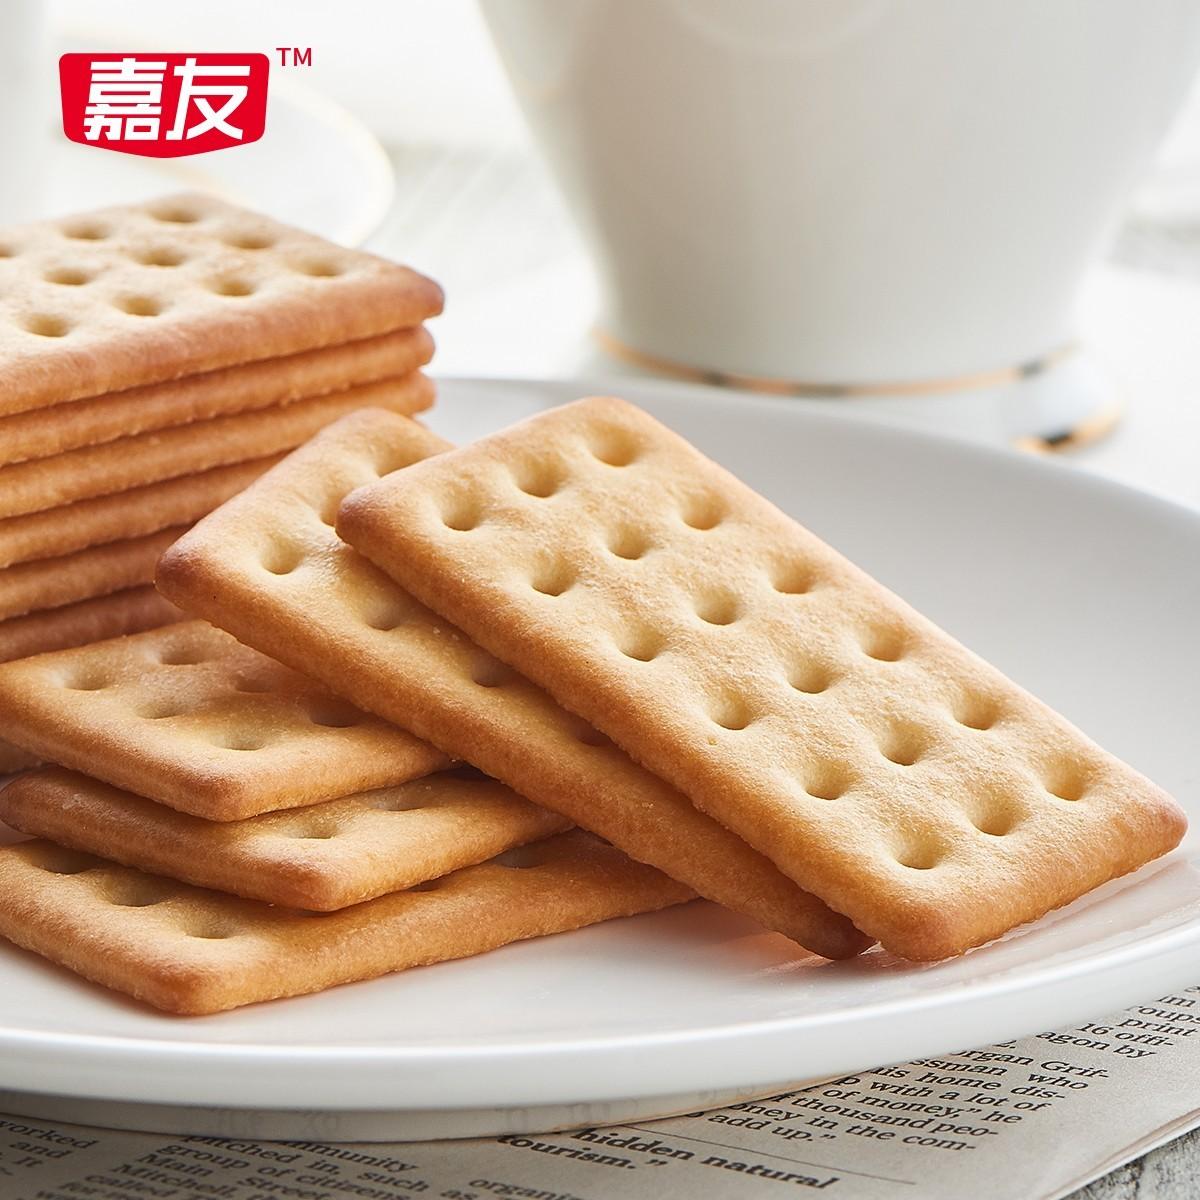 嘉友牛乳饼干牛乳味200g